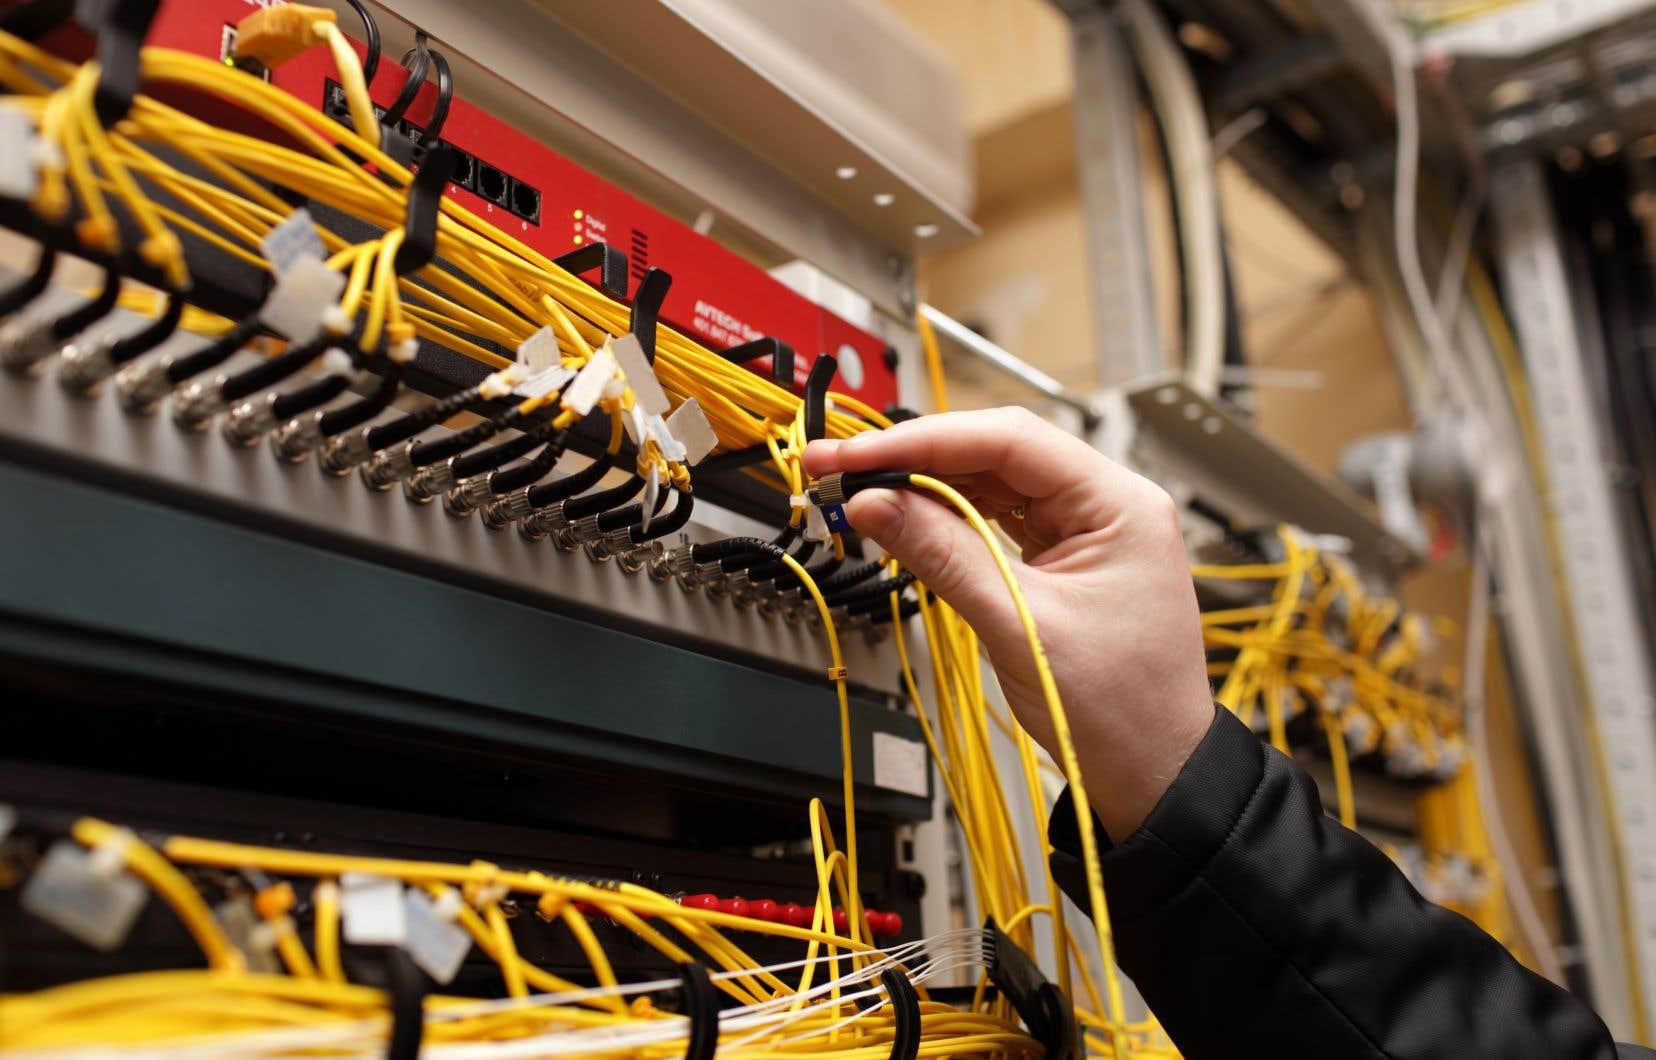 Le CRTC annule sa décision de 2019 sur les tarifs d'accès aux réseaux à large bande à haute vitesse.